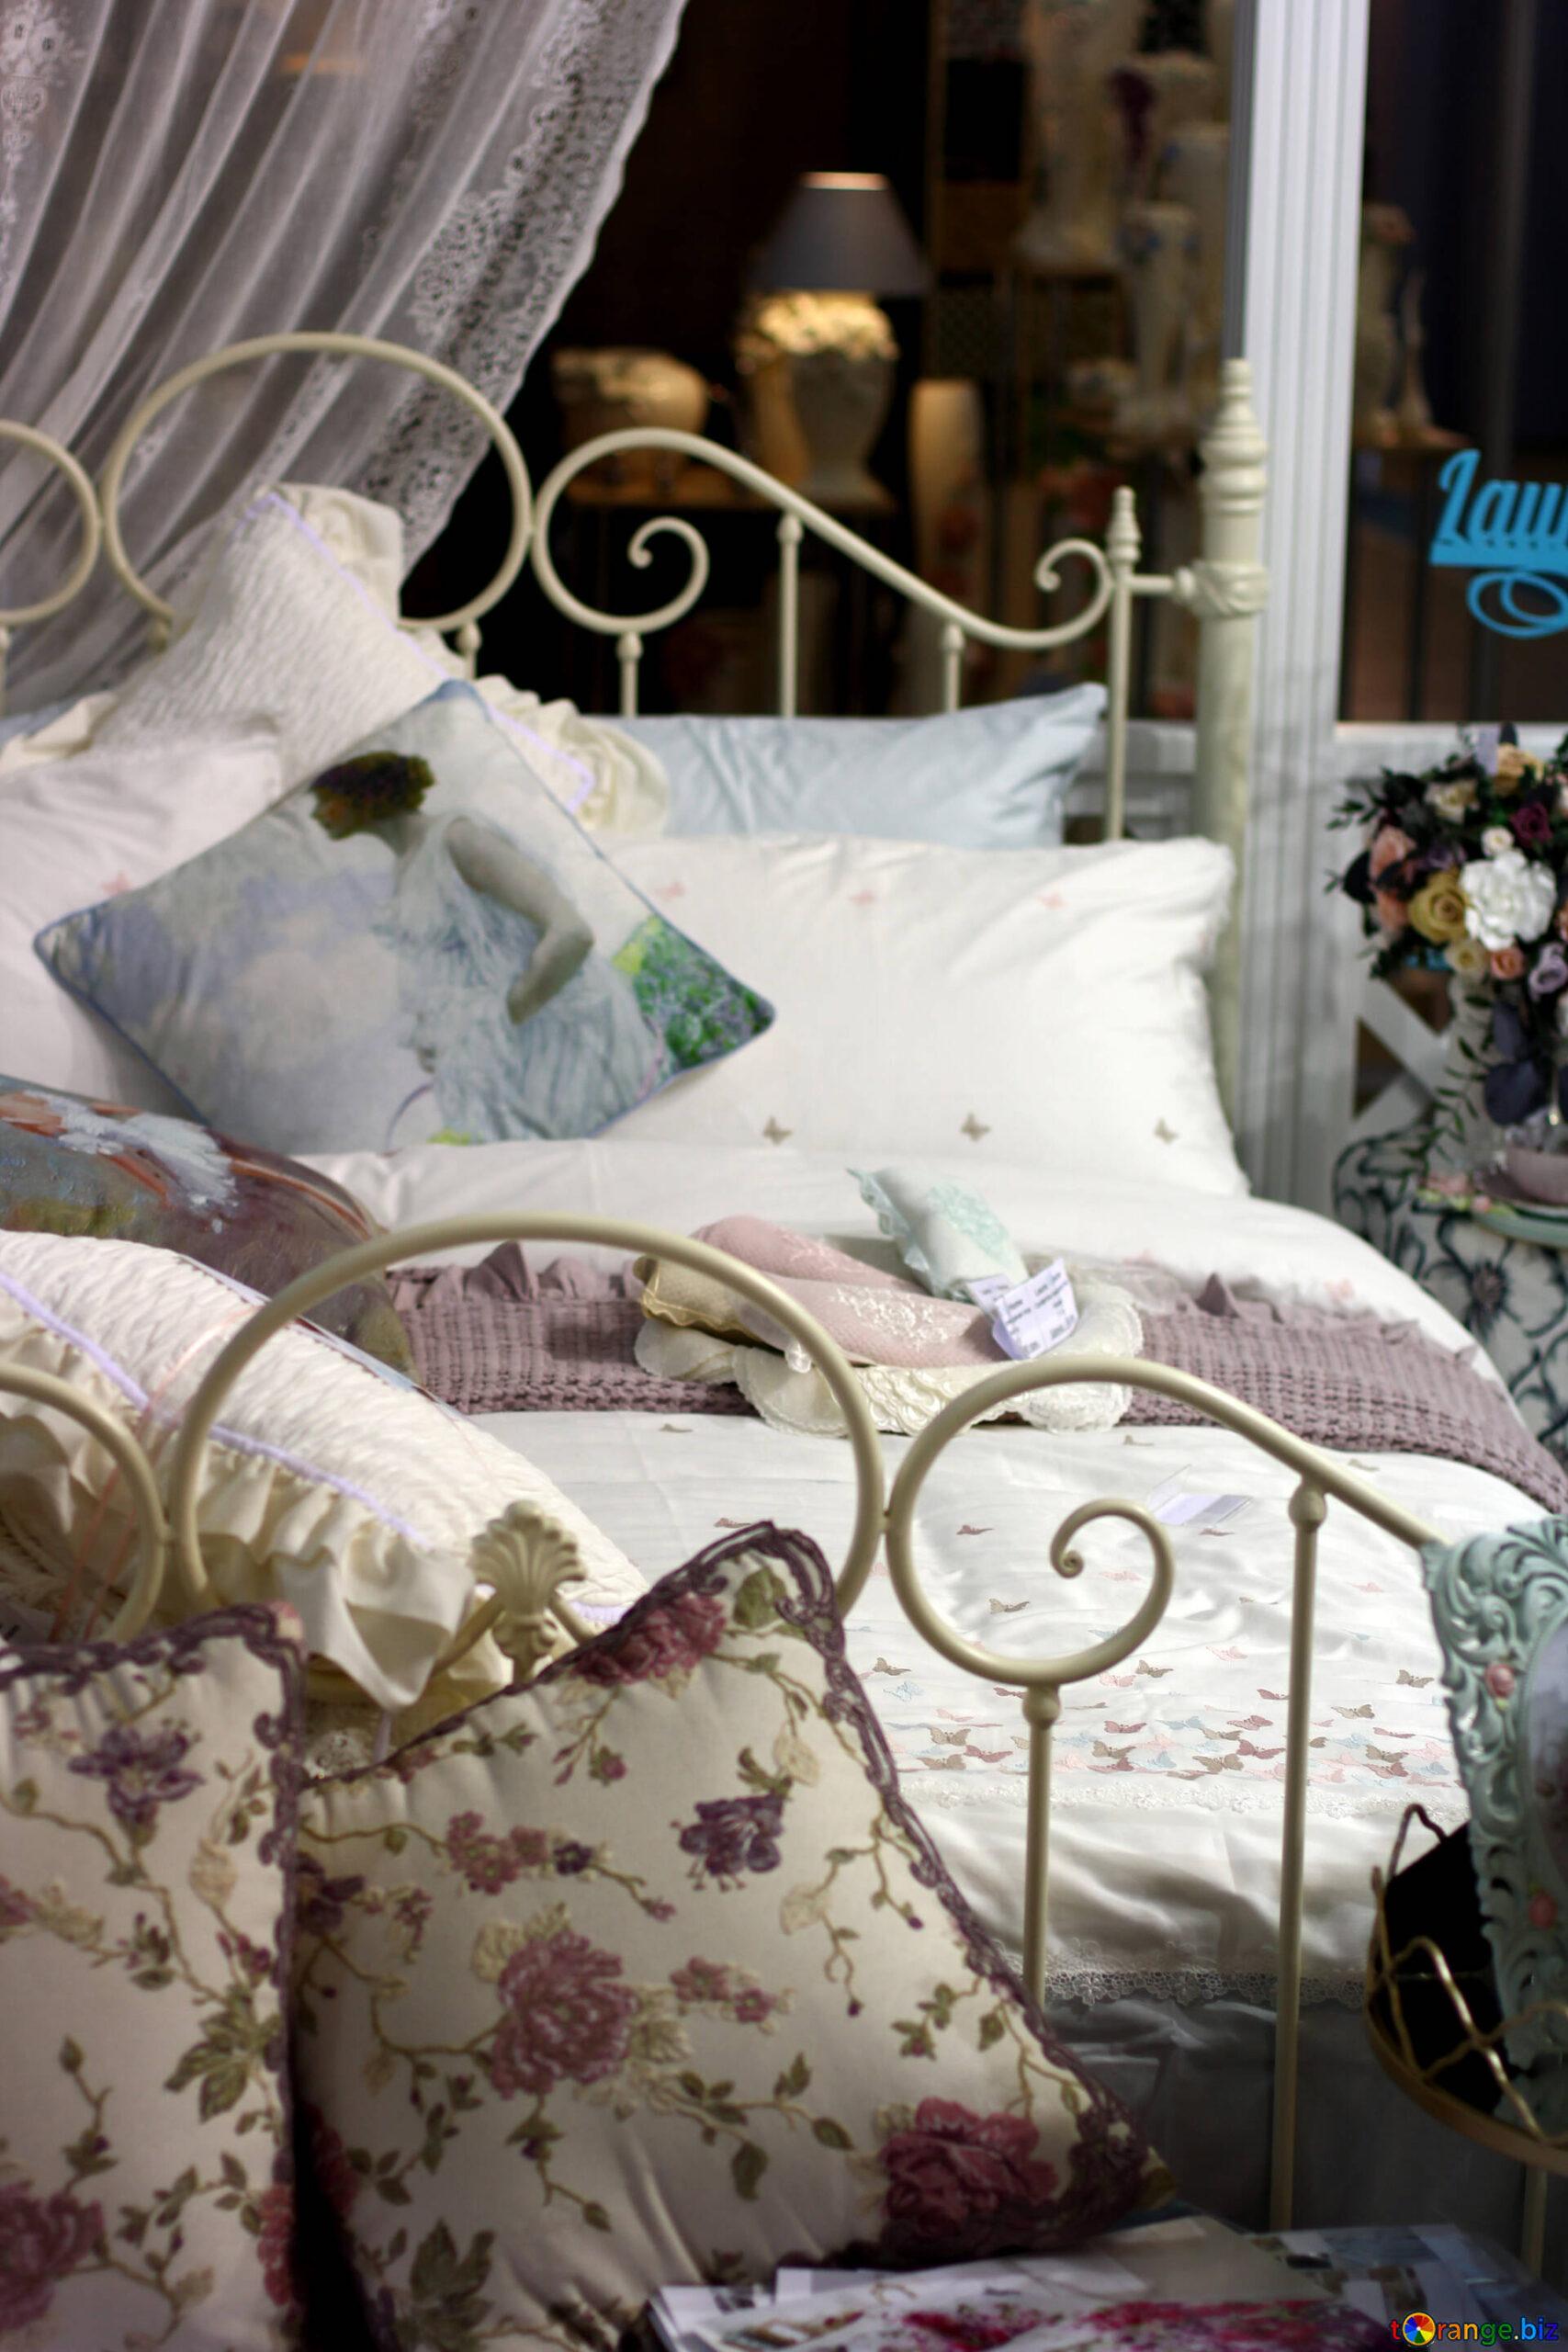 Full Size of Bett Fr Mdchen 39 S8 Fhrung Ikea Cama 180x200 Boxspring Hohes Kopfteil Mit Schubladen 160x200 Bettkasten Schlicht Weiß 100x200 120x200 Steens Oschmann Betten Wohnzimmer Mädchen Bett